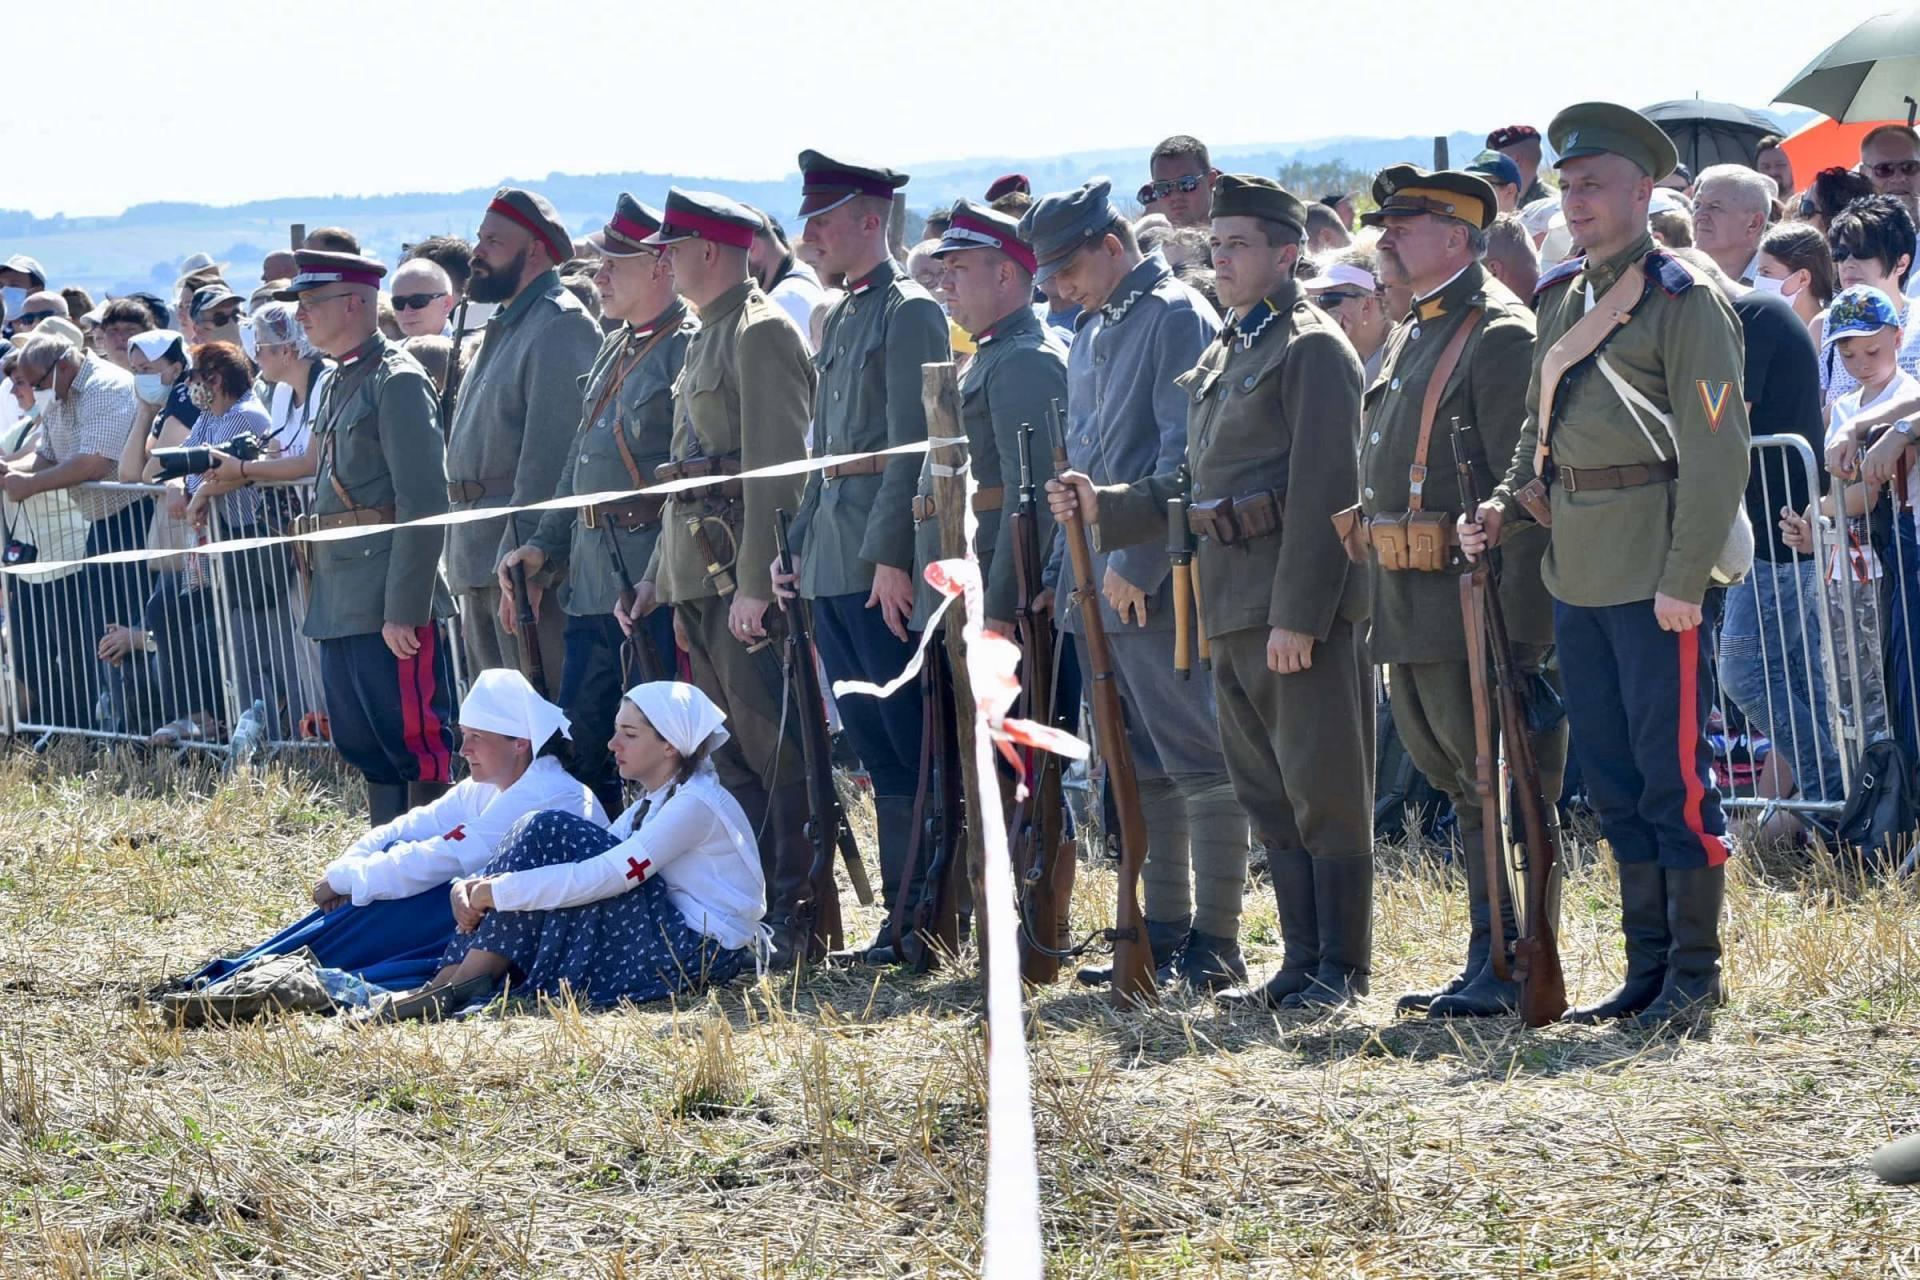 dsc 0552 Czas szabli - 100 rocznica bitwy pod Komarowem(zdjęcia)